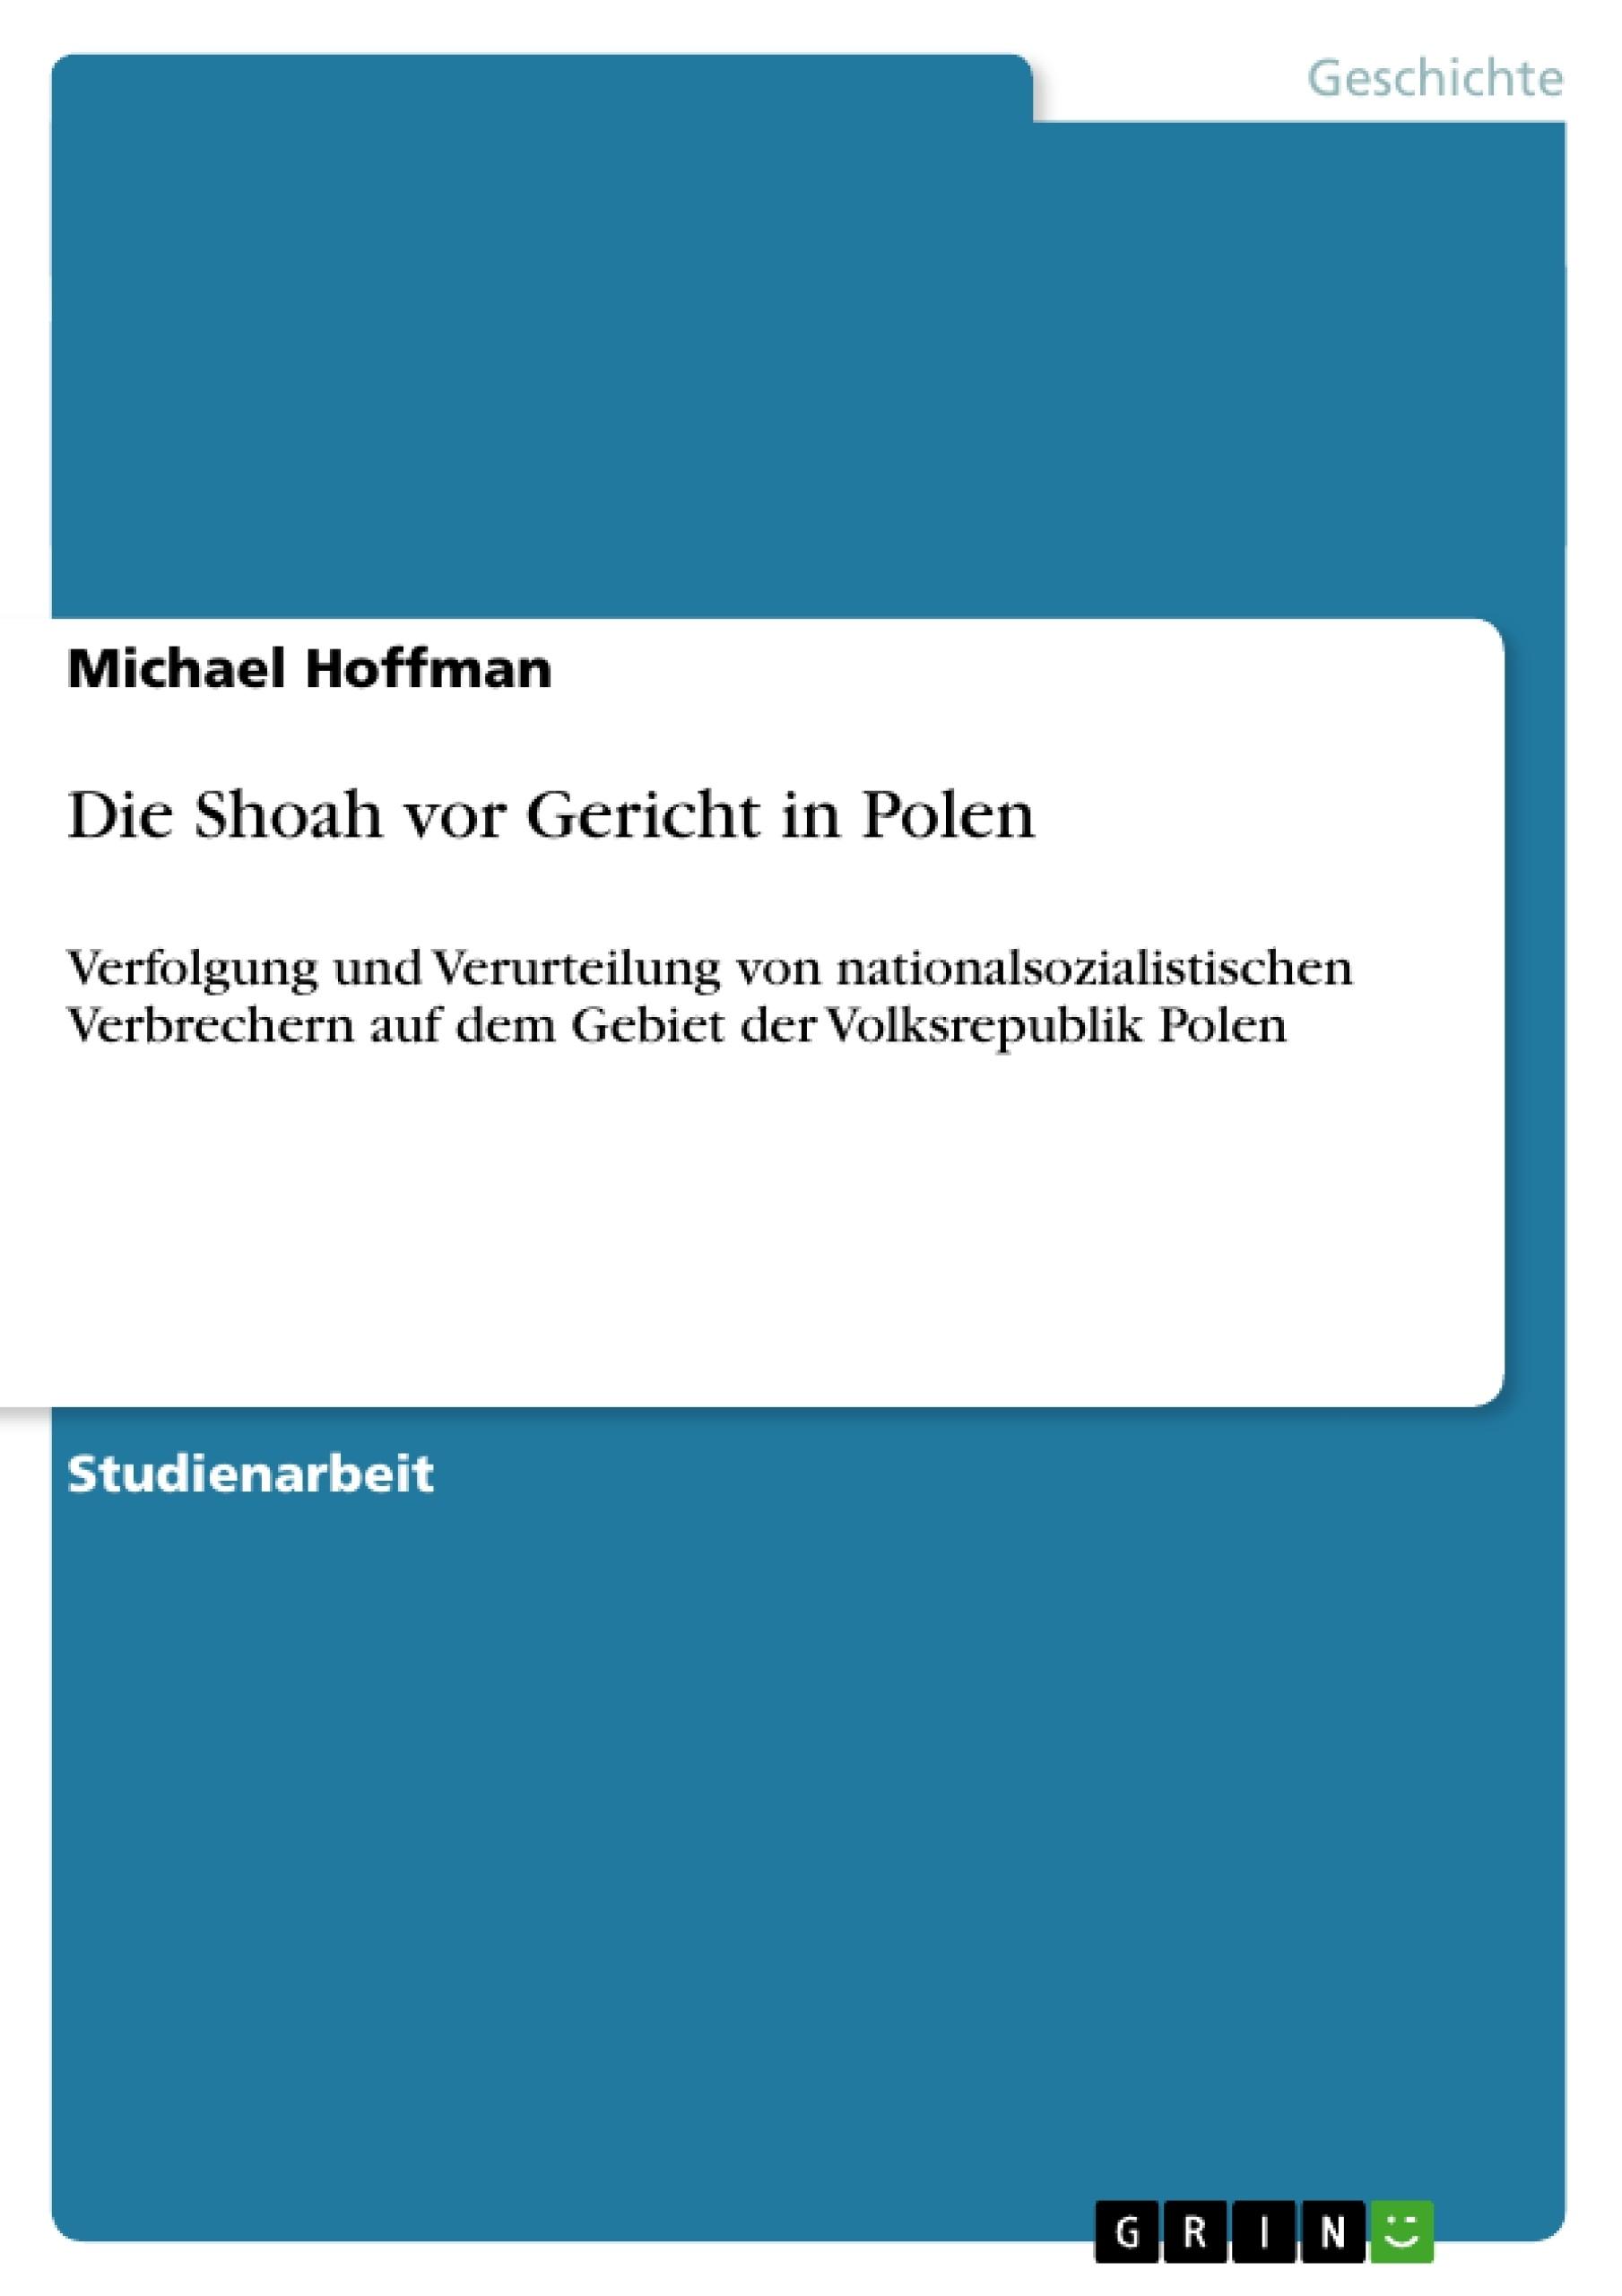 Titel: Die Shoah vor Gericht in Polen